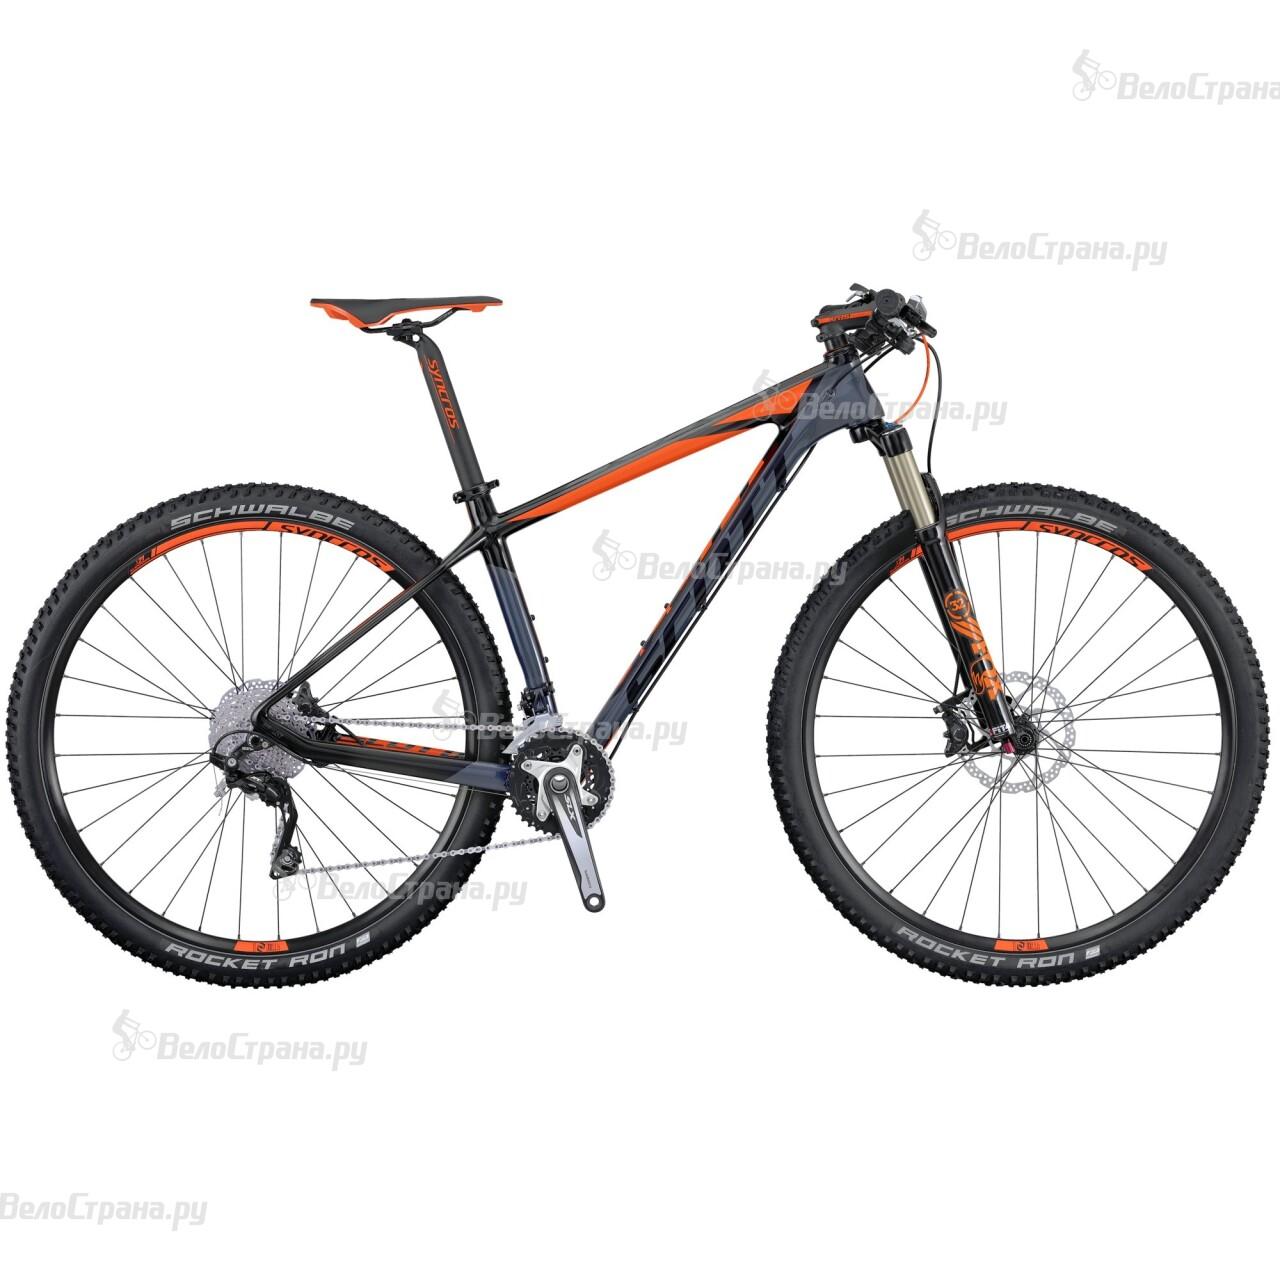 Велосипед Scott Scale 730 (2016) велосипед scott scale junior 26 2016